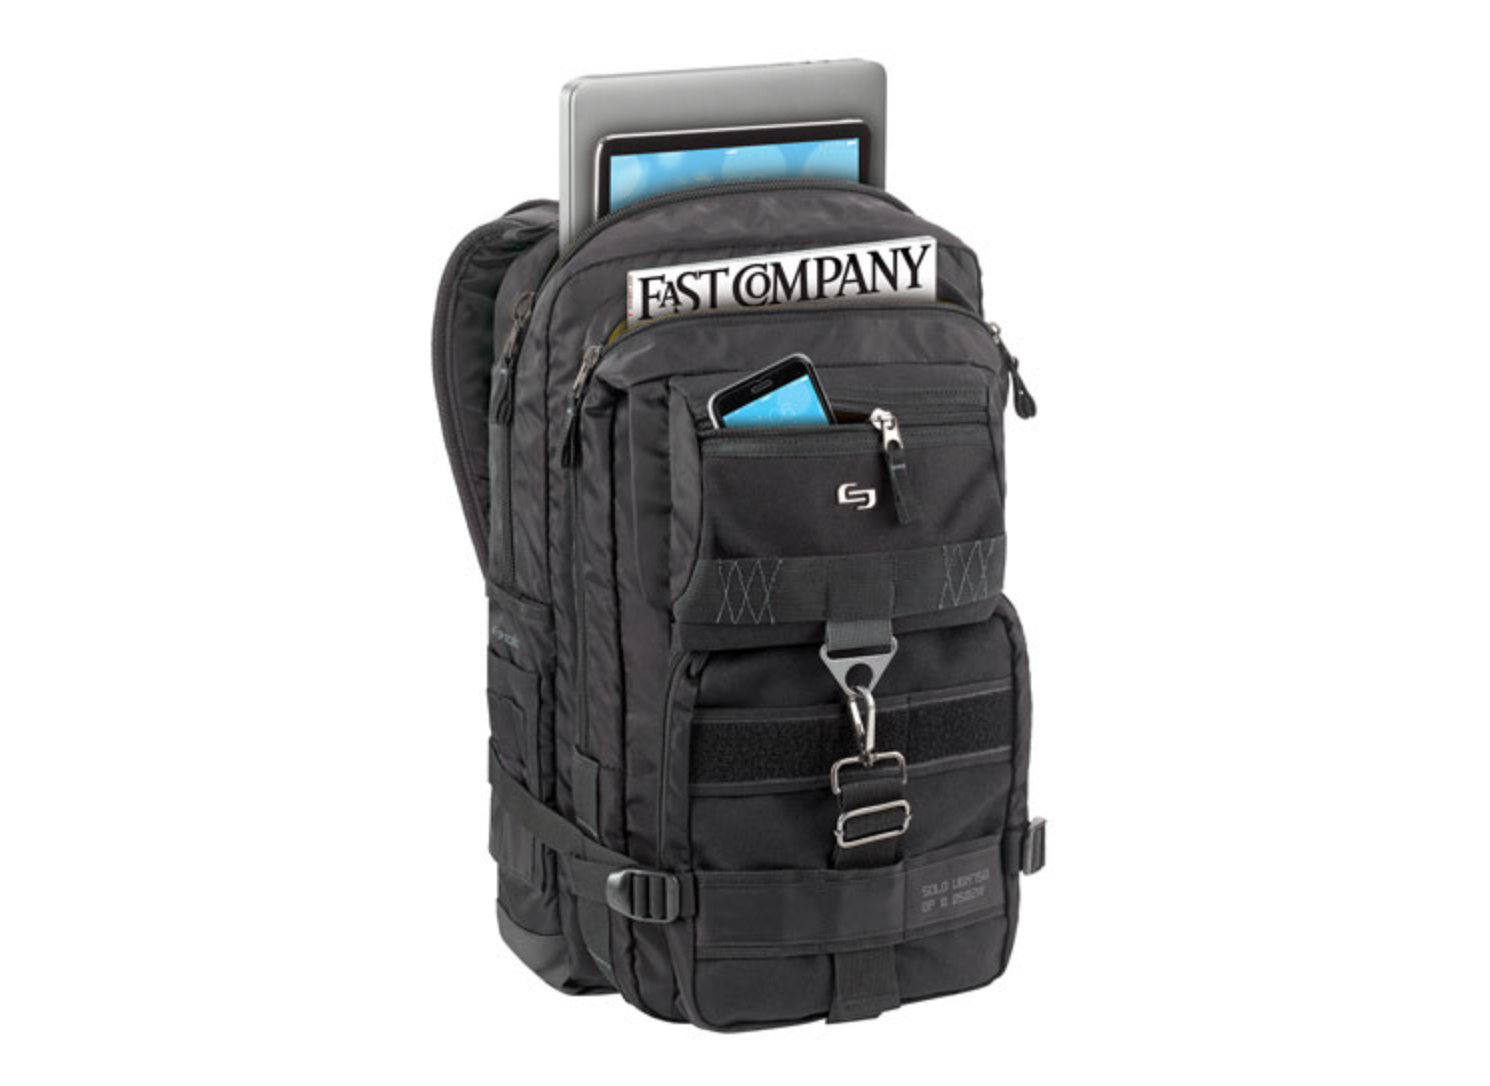 Utility backpacks for multi-tasking